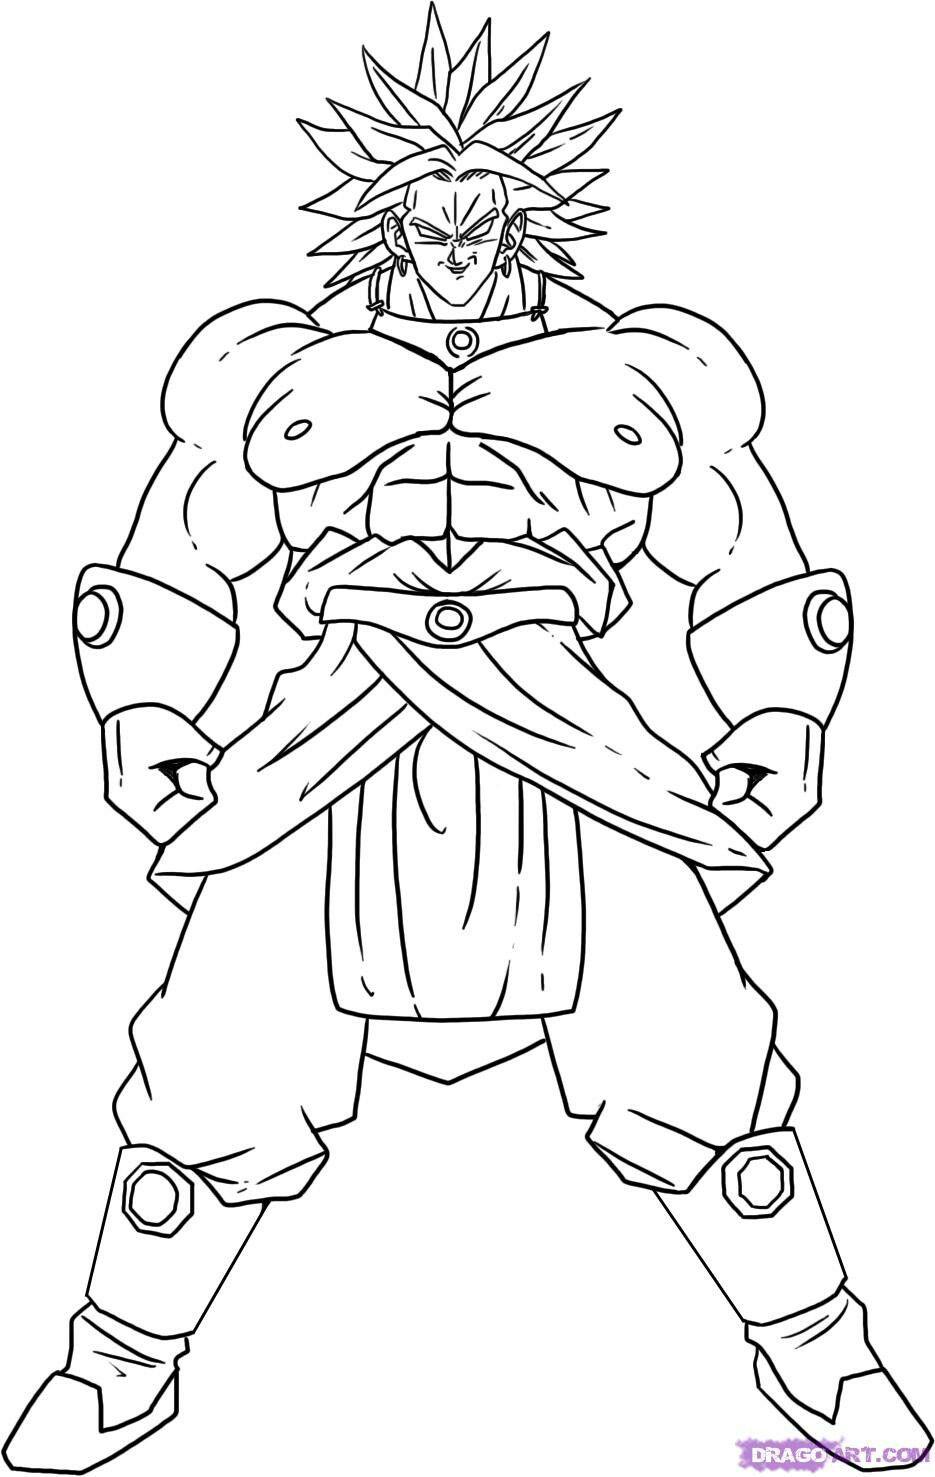 Pin Von Dark Assassin Auf Dibujos Goku Zeichnung Ausmalbilder Manga Figuren